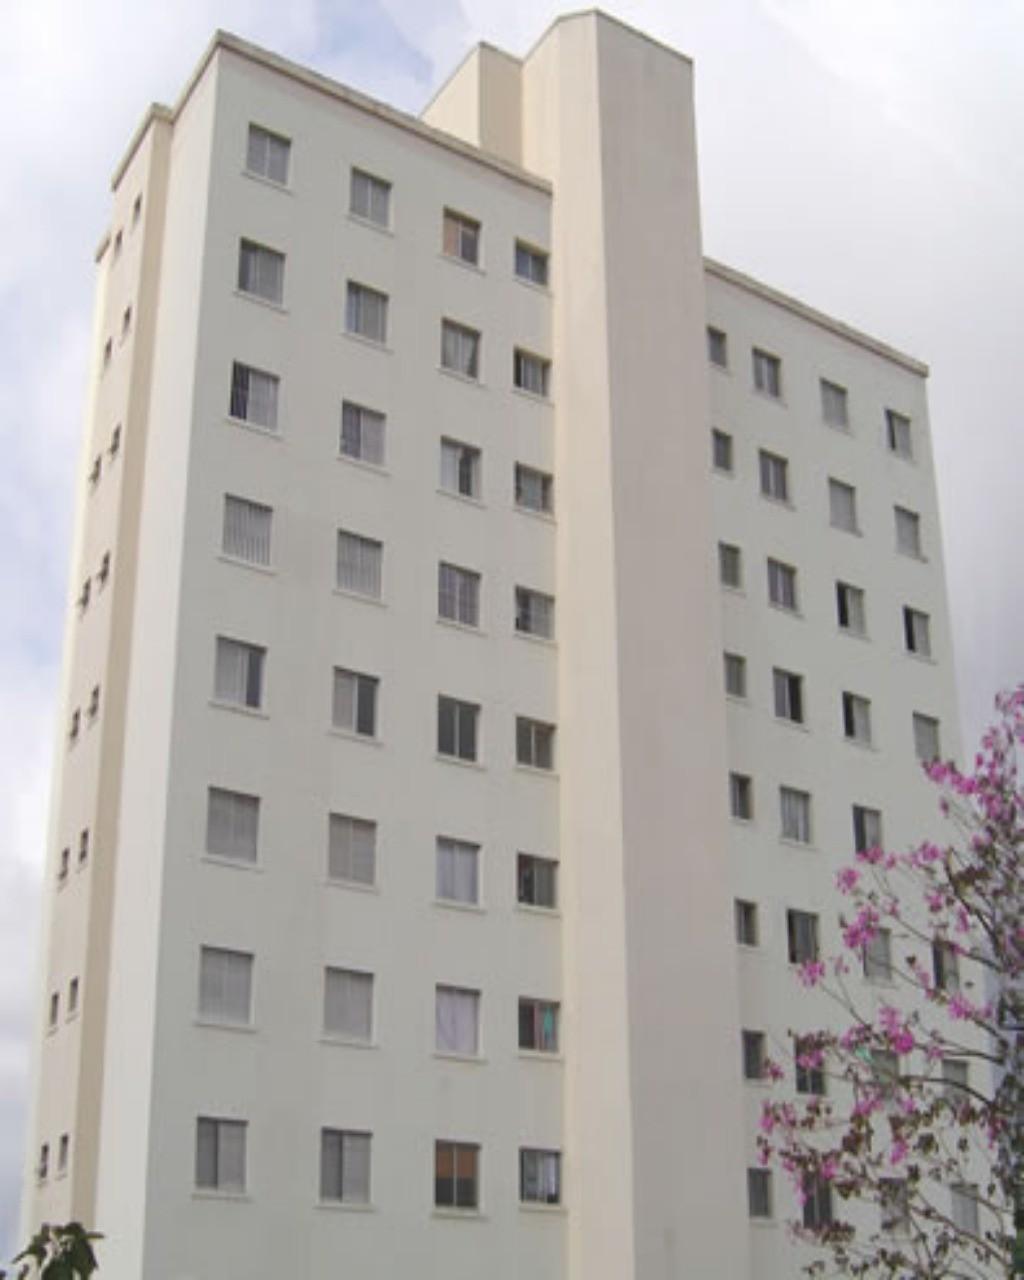 comprar ou alugar apartamento no bairro vila santa catarina na cidade de são paulo-sp